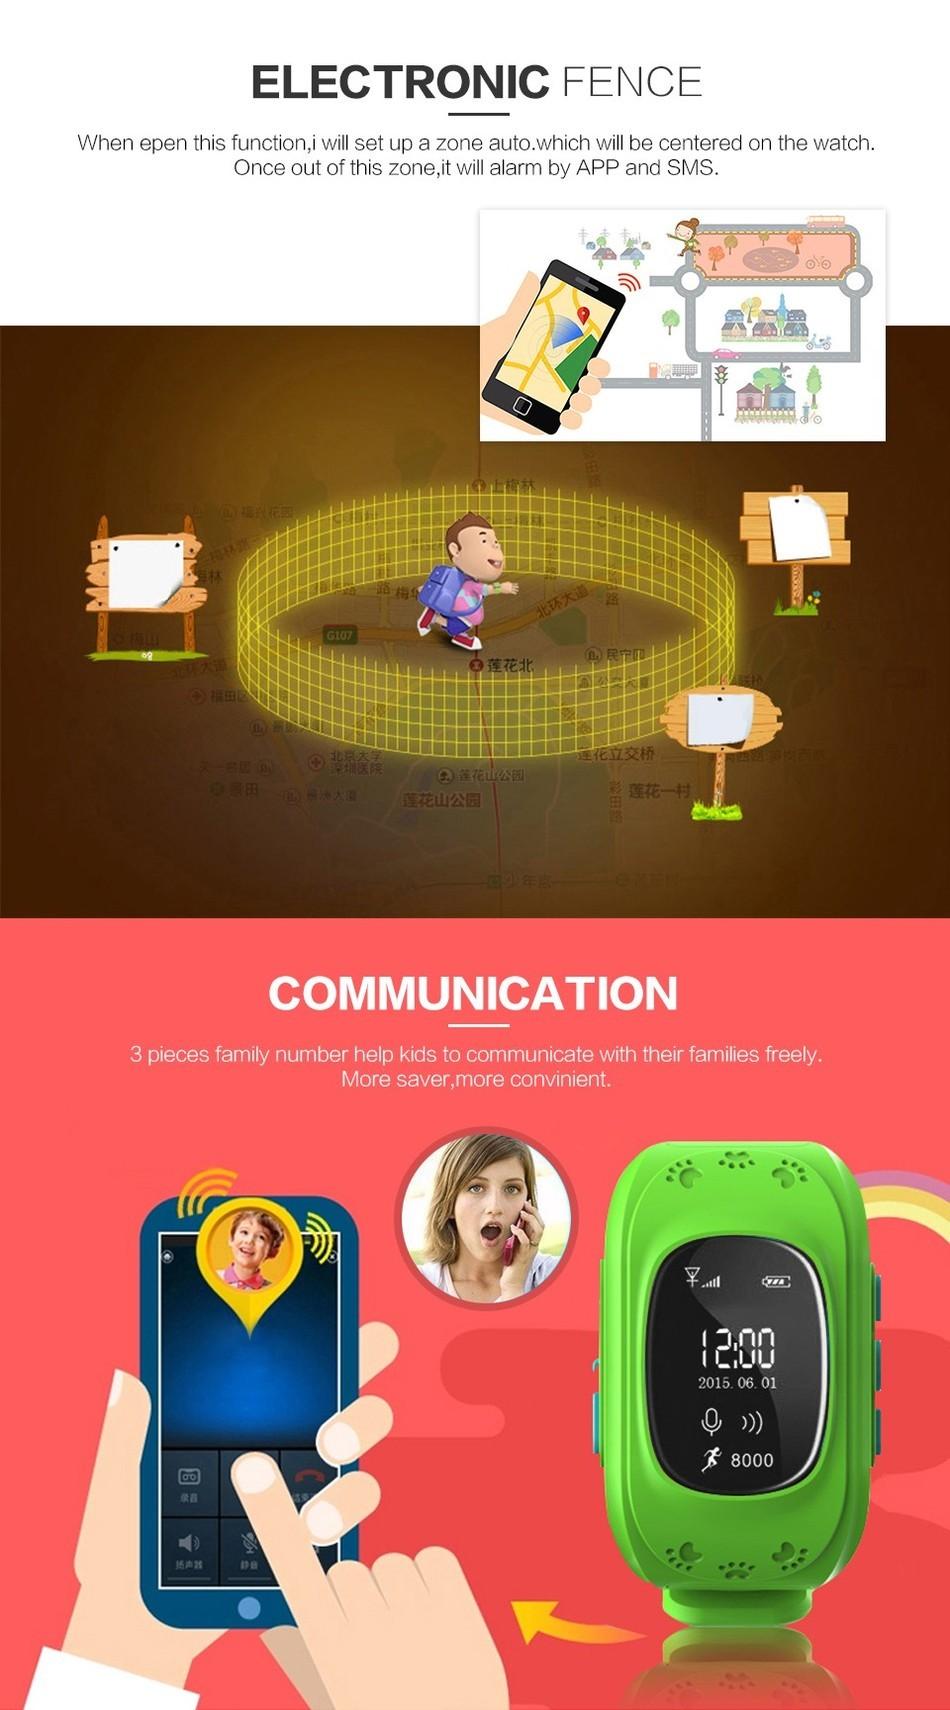 ถูก ใหม่สมาร์ทโทรศัพท์นาฬิกาเด็กเด็กนาฬิกานาฬิกาข้อมือQ50 GSM GPRSติดตามจีพีเอสป้องกันการสูญเสียS Mart W Atchเด็กยามสำหรับiOS A Ndroid